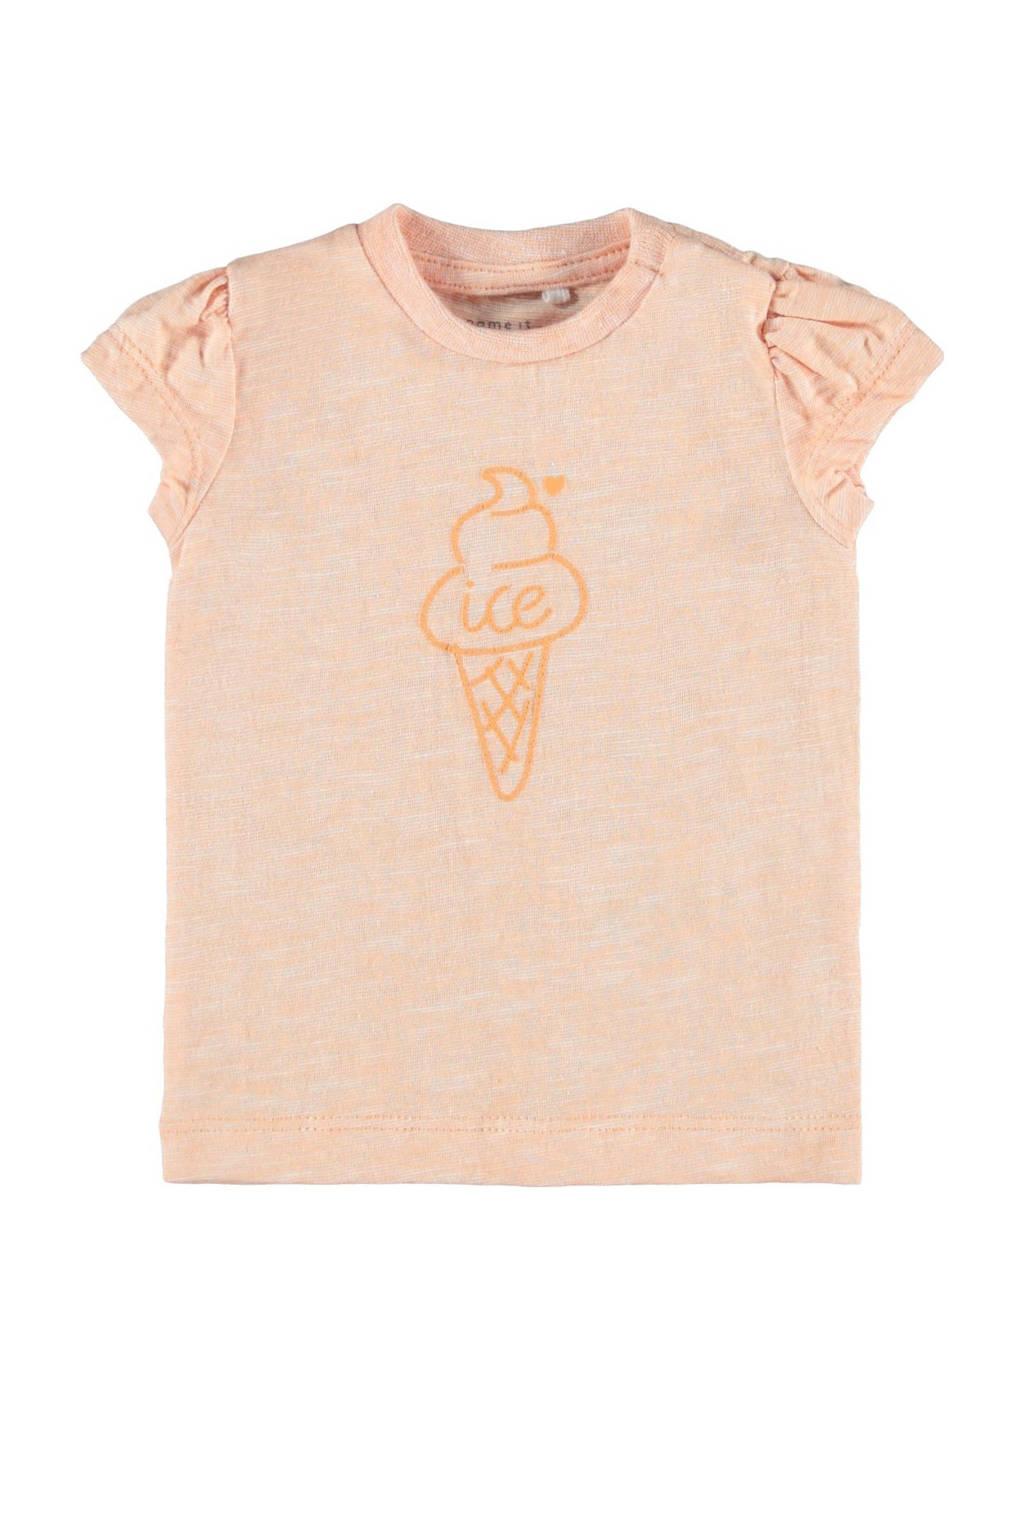 NAME IT BABY baby T-shirt Hanne van biologisch katoen oranje, Oranje